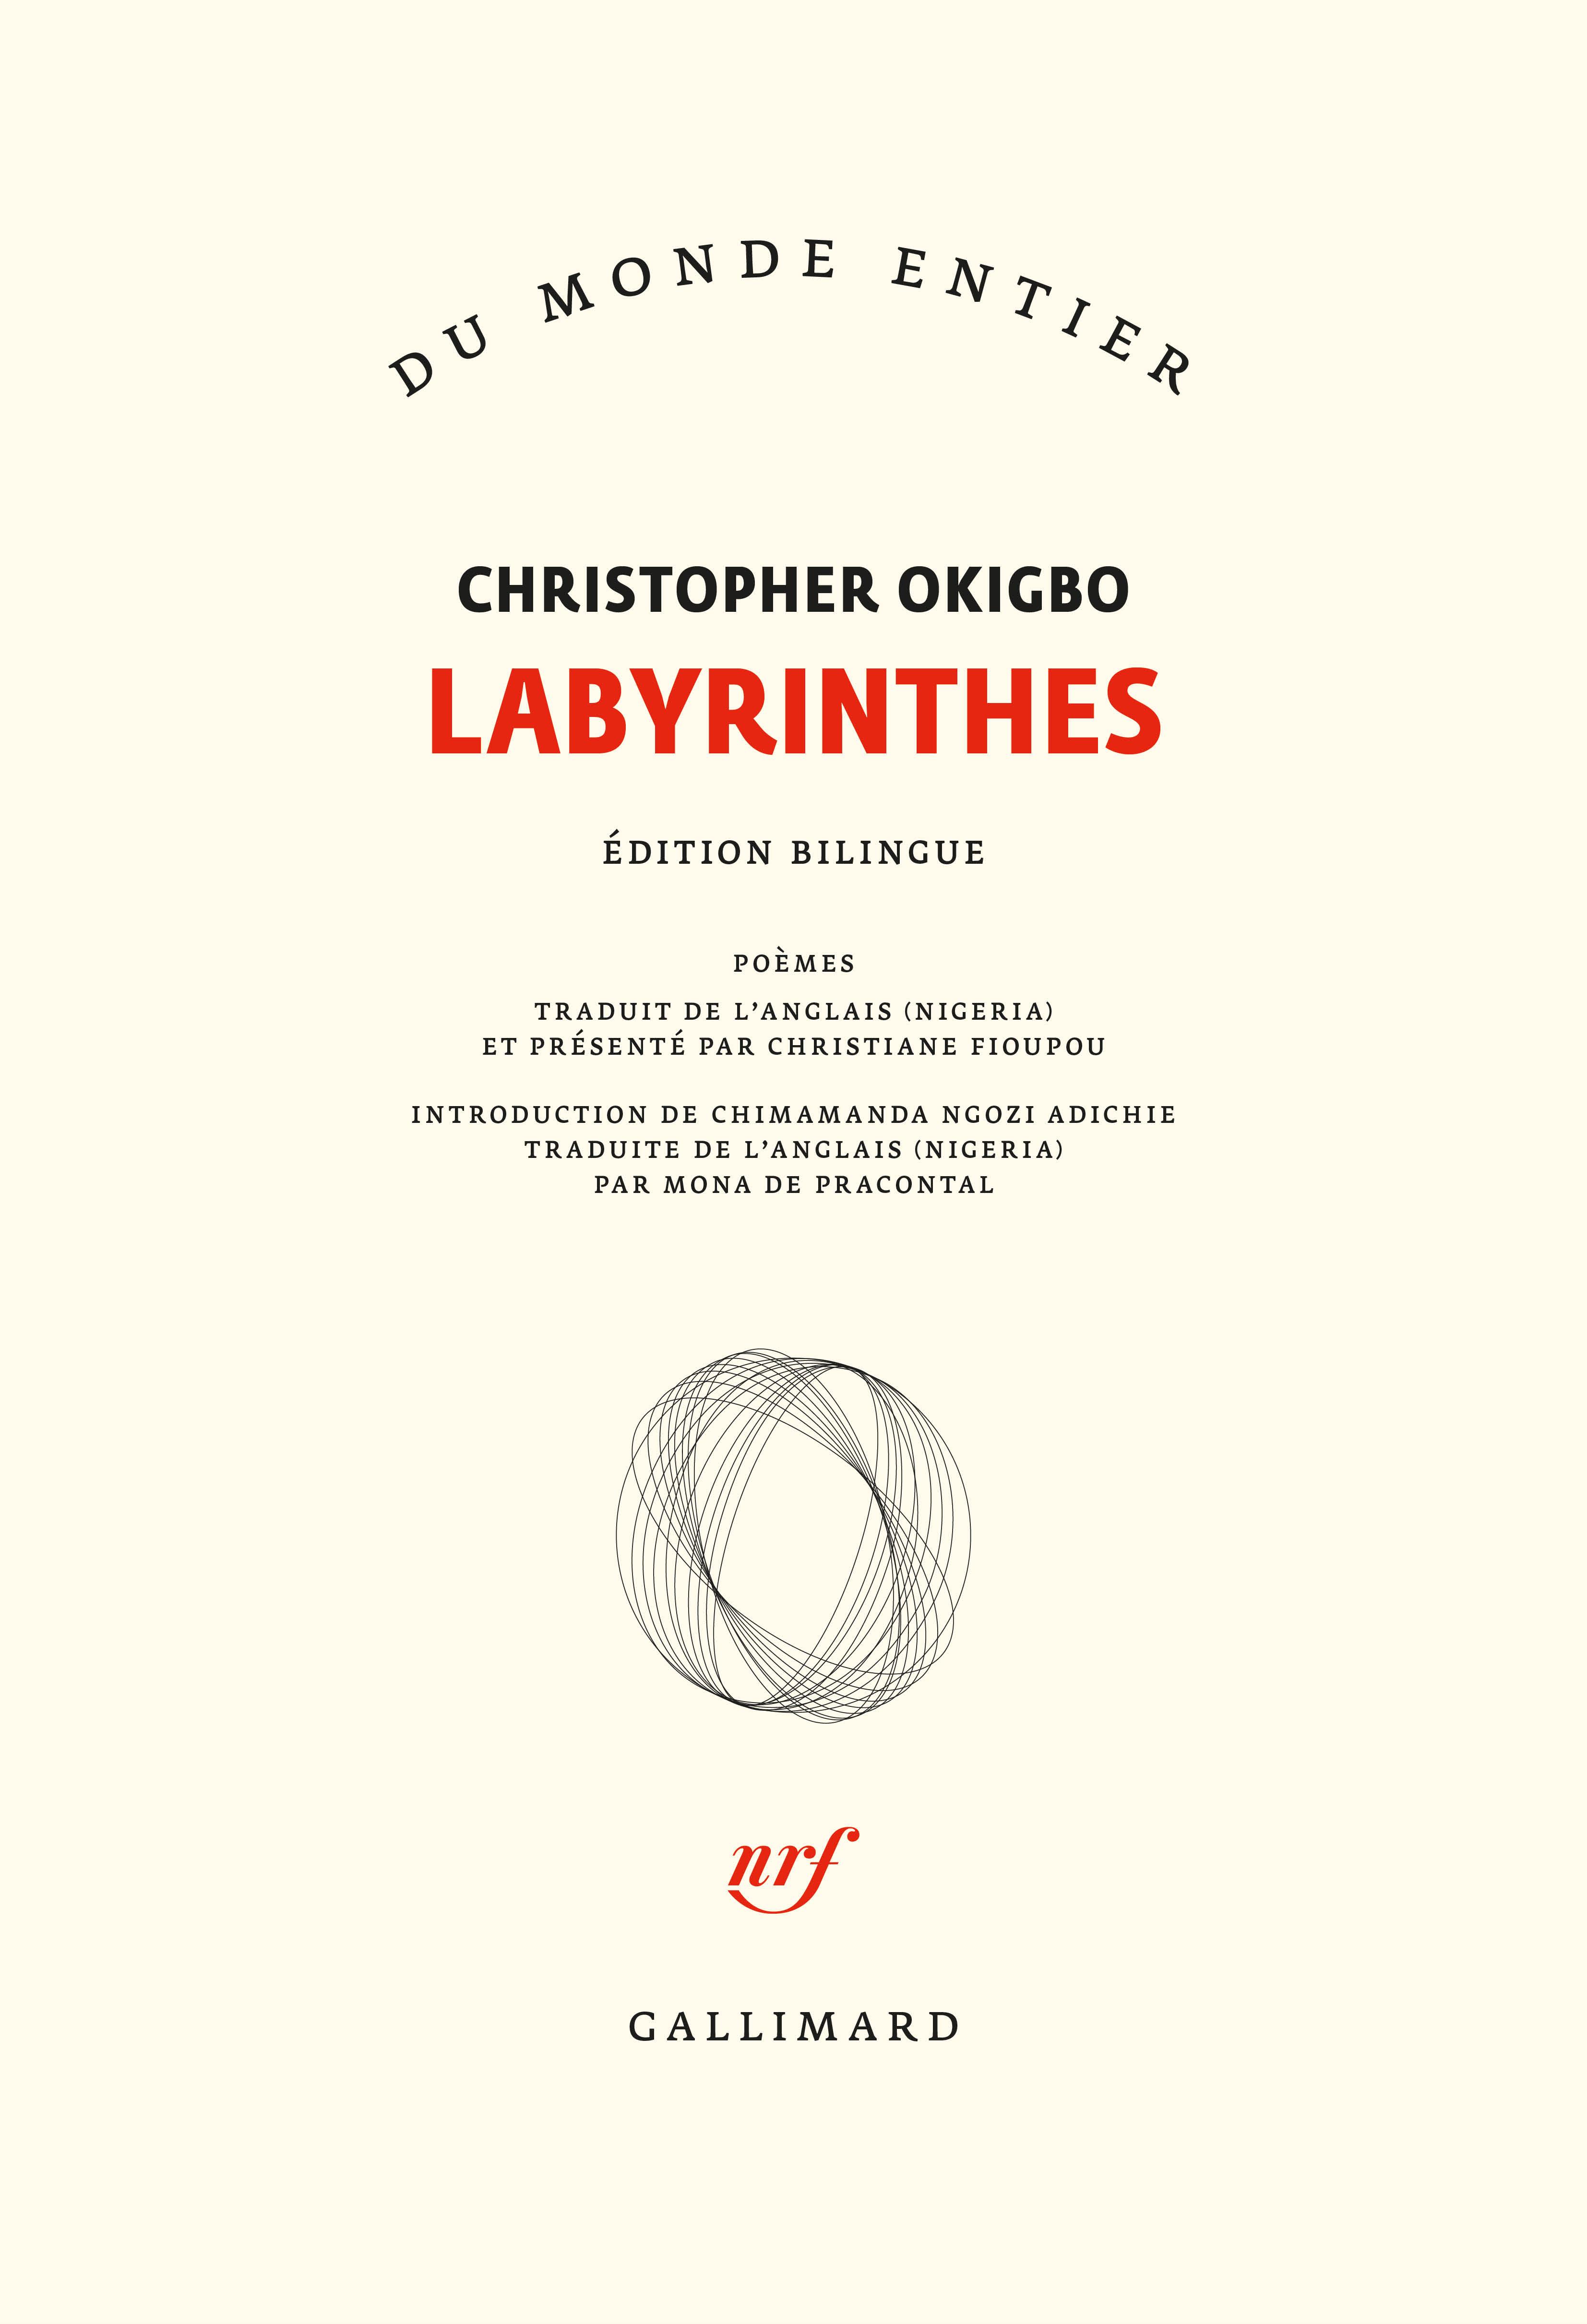 C. Okigbo, Labyrinthes [Labyrinths]